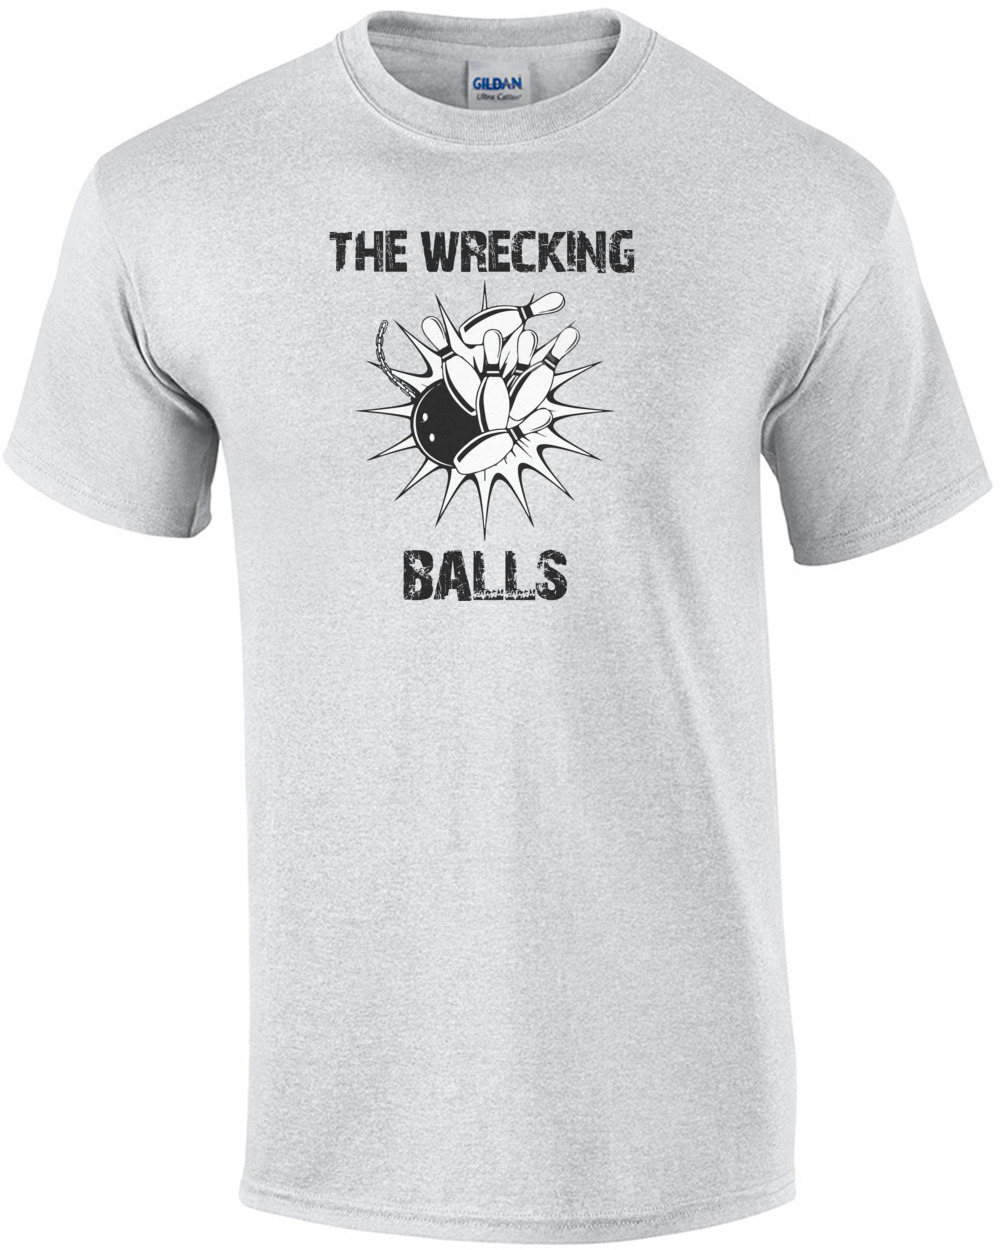 5aa0c3ca5b The Wrecking Balls - Funny Bowling League T-Shirt shirt